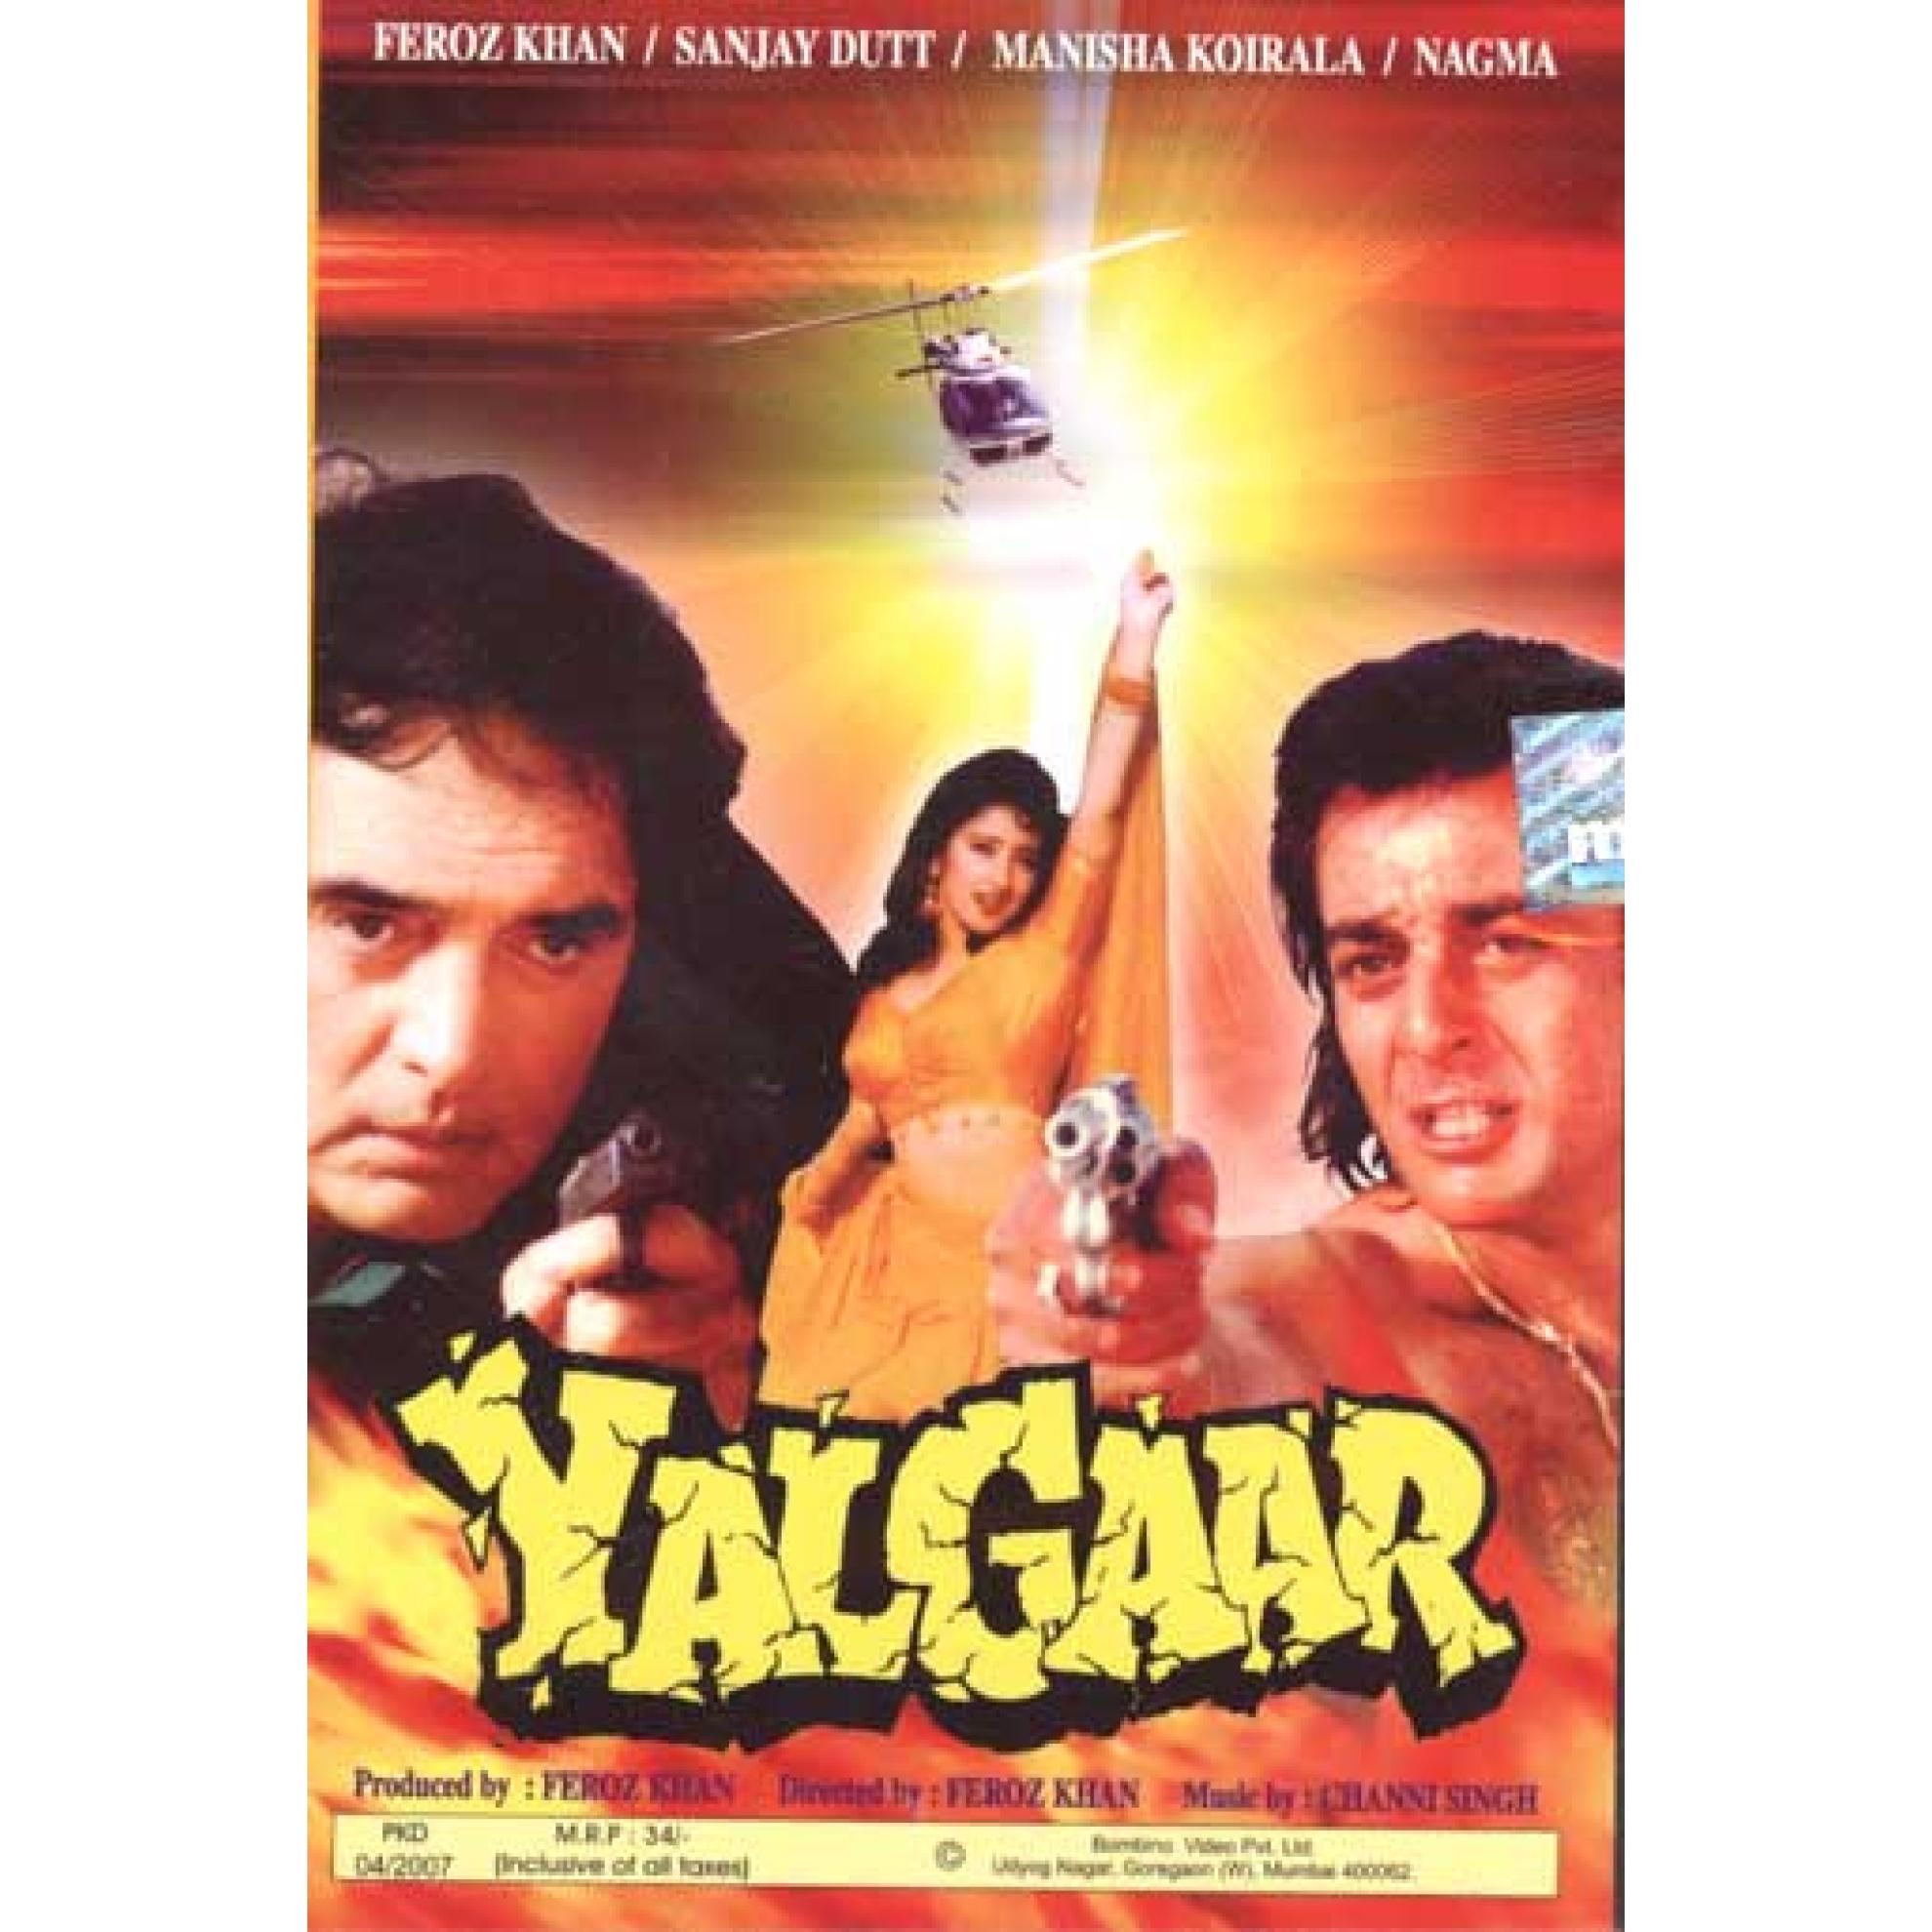 Download All Yalgaar (1992) Mp3 Songs in 128 Kbps & 320 Kbps